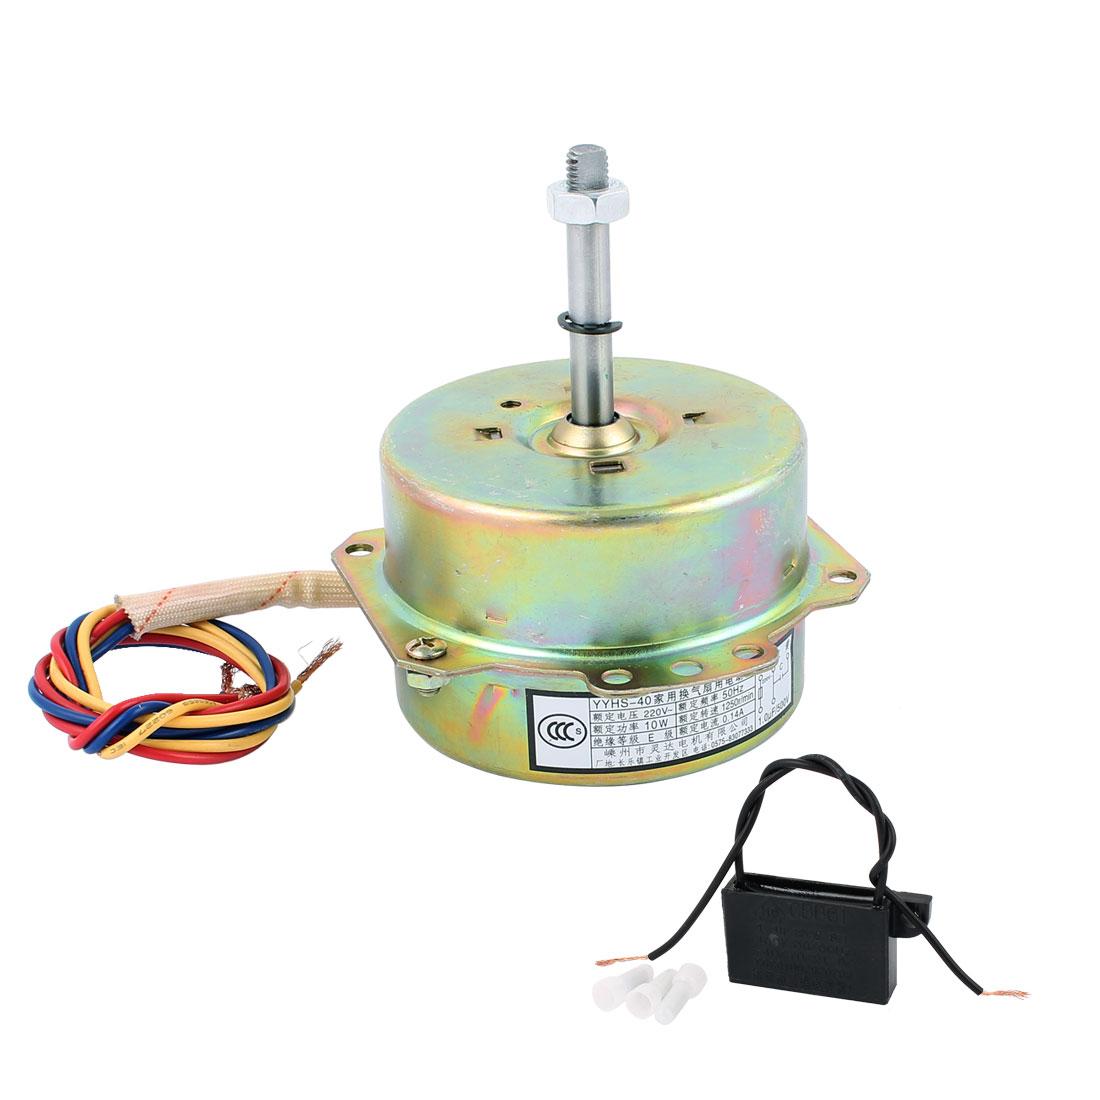 AC 220V 0.14A 10W 1250RPM 8mmx50mm Home Electric Ventilator Fan Motor